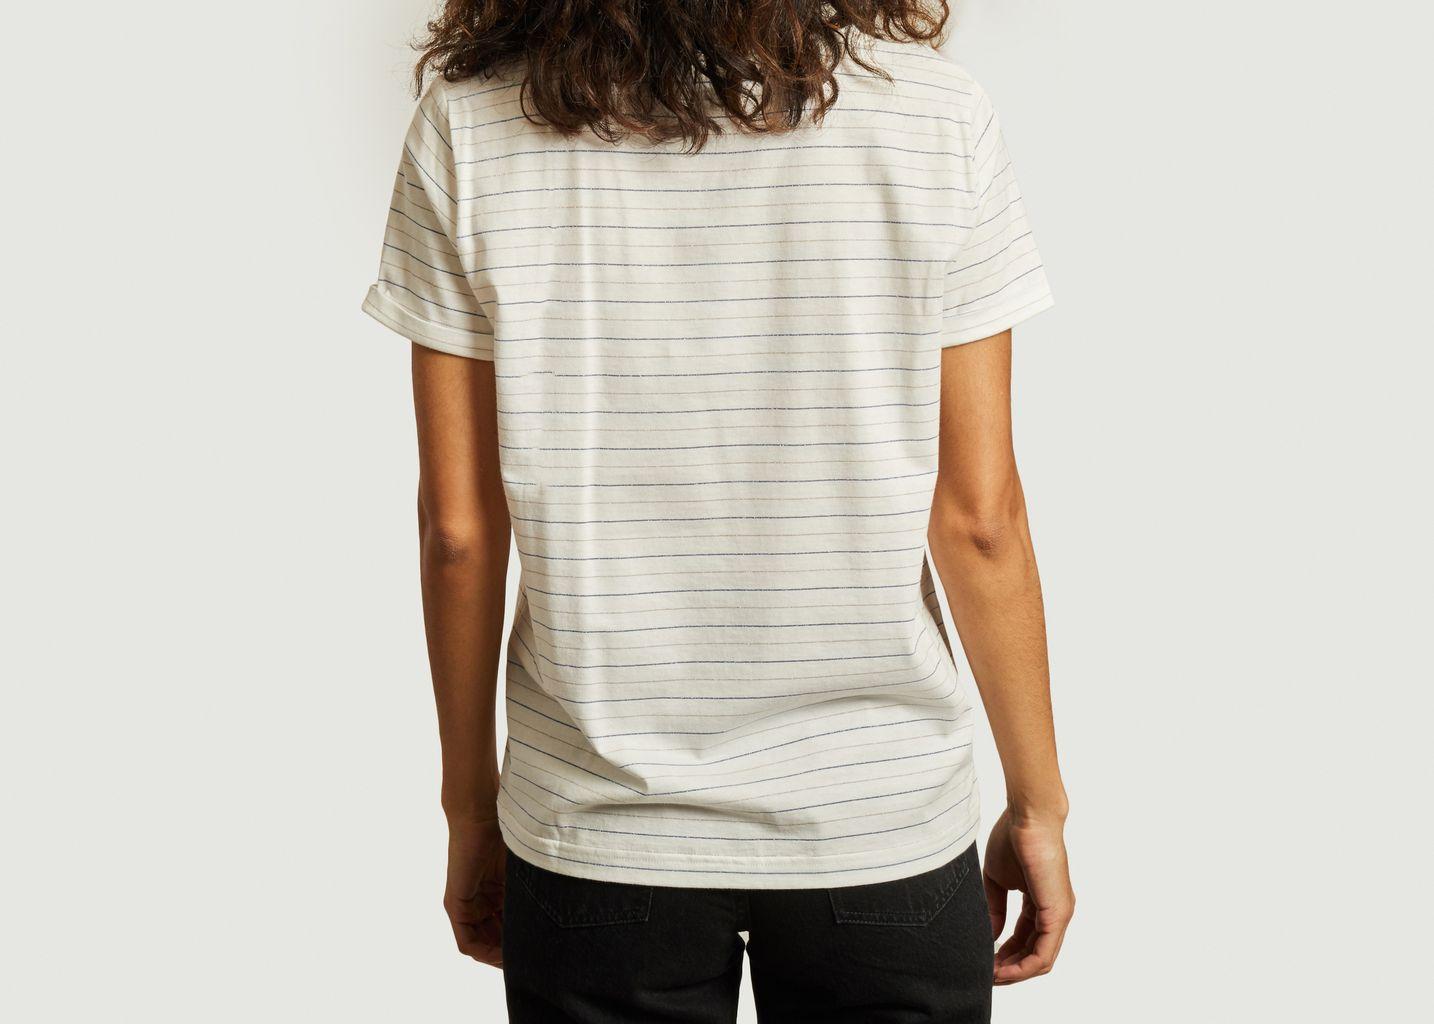 Sallie T-shirt - A.P.C.